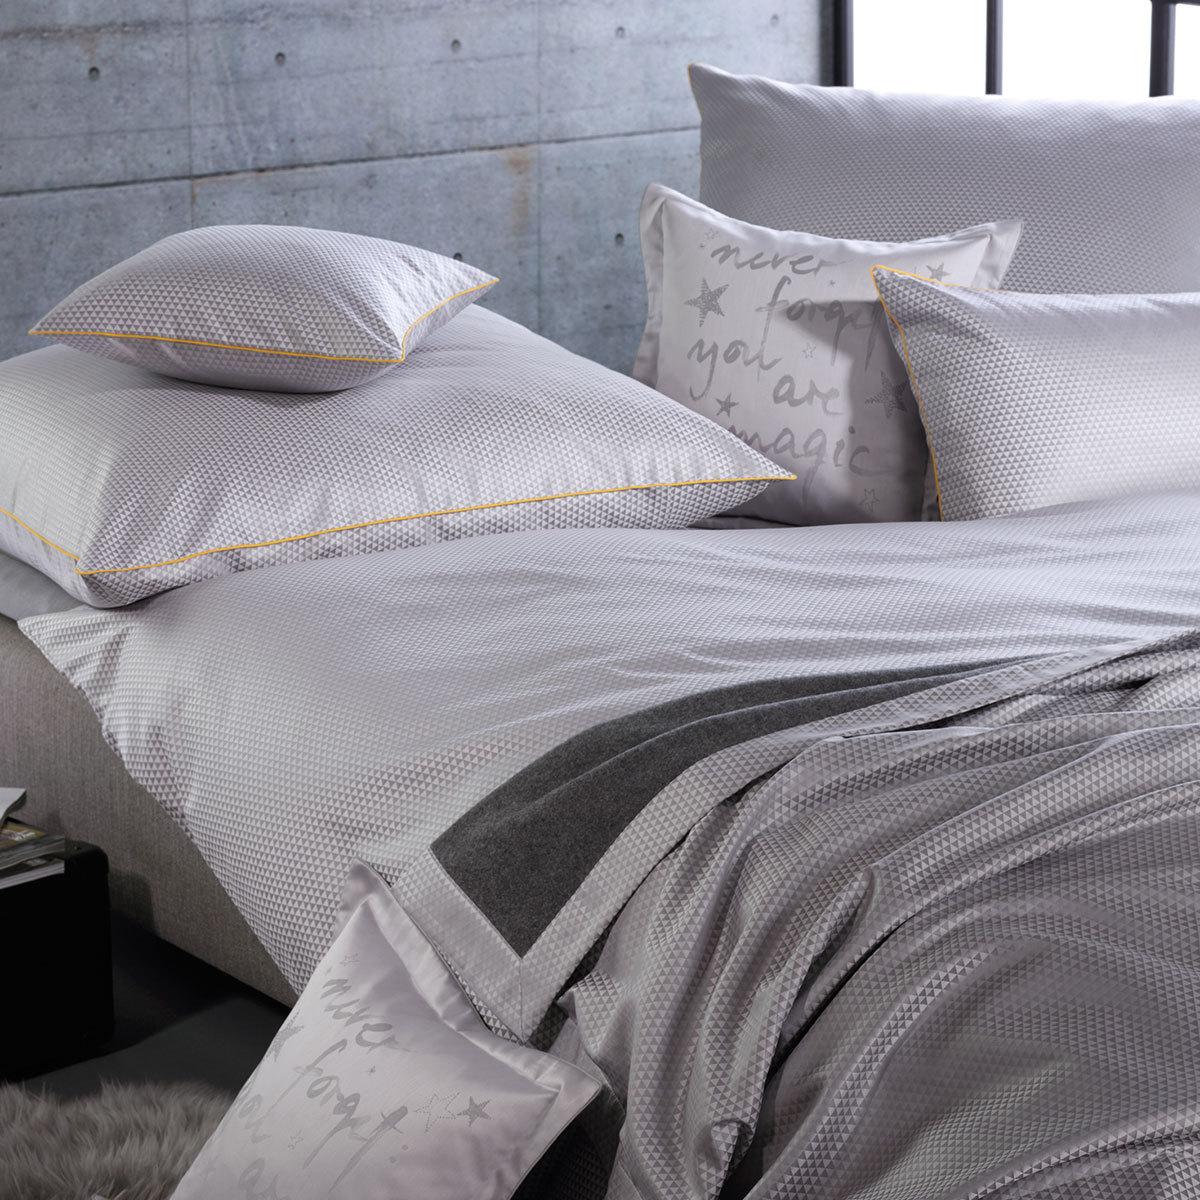 curt bauer mako brokat damast bettw sche maris perlgrau g nstig online kaufen bei bettwaren shop. Black Bedroom Furniture Sets. Home Design Ideas